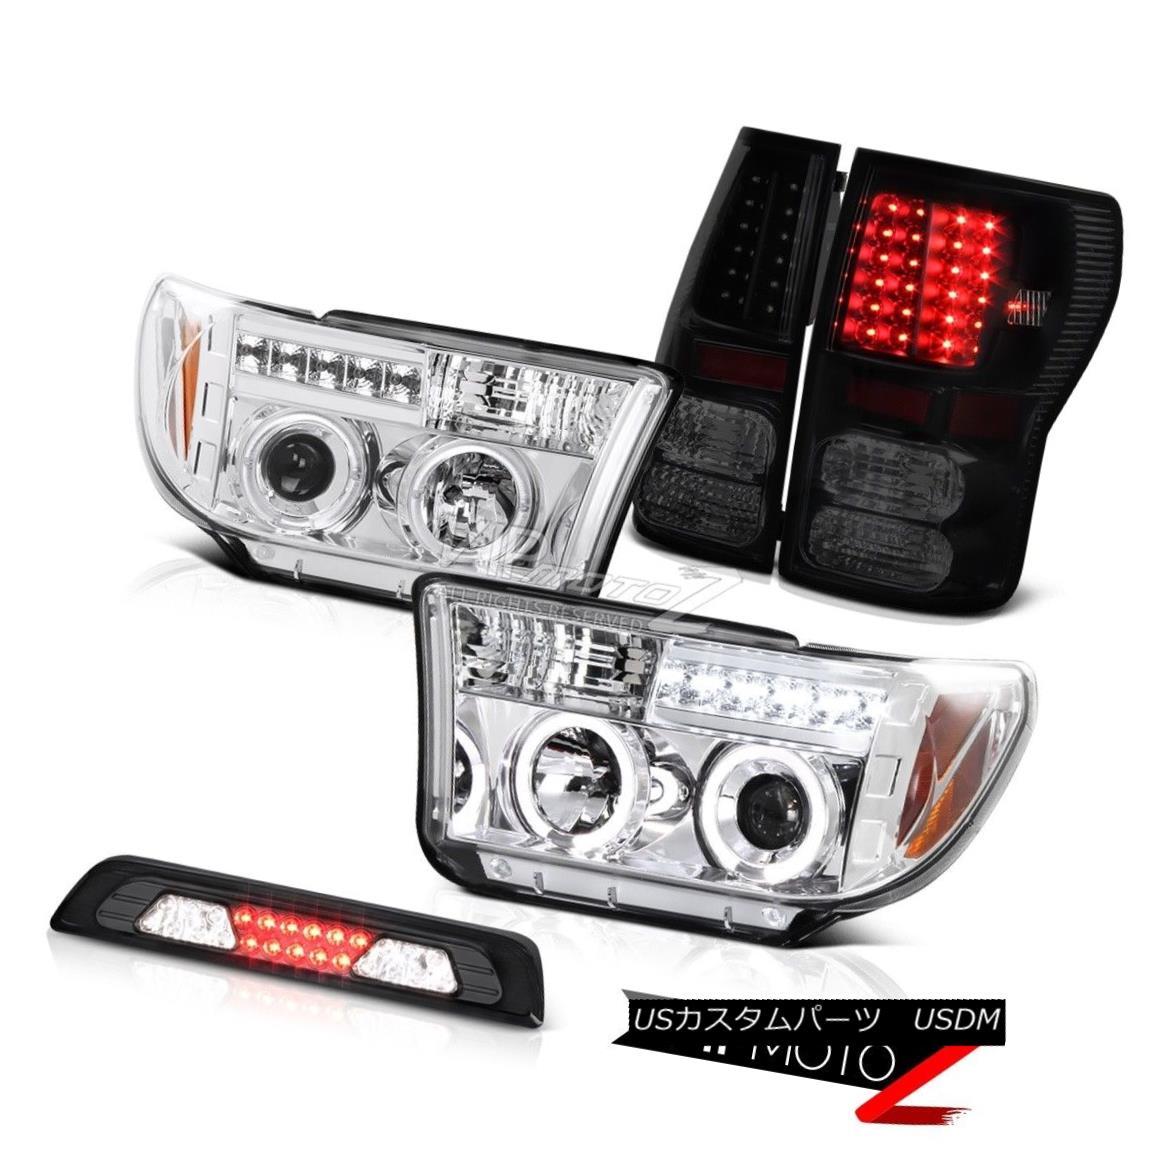 車用品・バイク用品 >> 車用品 >> パーツ >> ライト・ランプ >> テールライト テールライト 07-13 Toyota Tundra Limited Smokey Third Brake Lamp Taillights Headlamps LED DRL 07-13 Toyota Tundra Limitedスモーキー第3ブレーキランプテールライトヘッドランプLED DRL